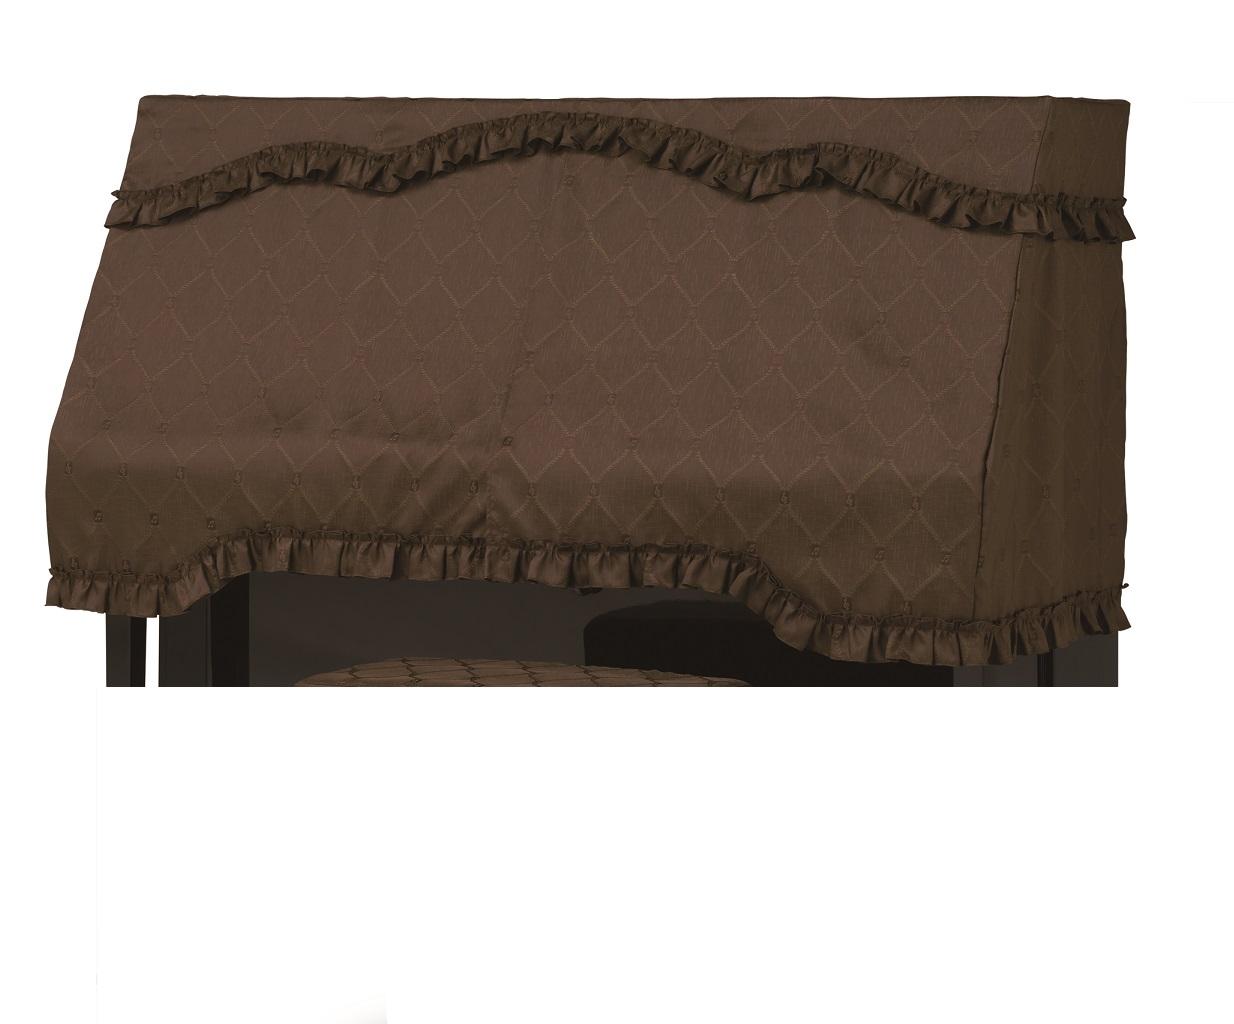 アップライトピアノカバー PC-590CB 音符・ロープ柄ジャガード織 ダークブラウン ピアノケープ ピアノハーフカバー